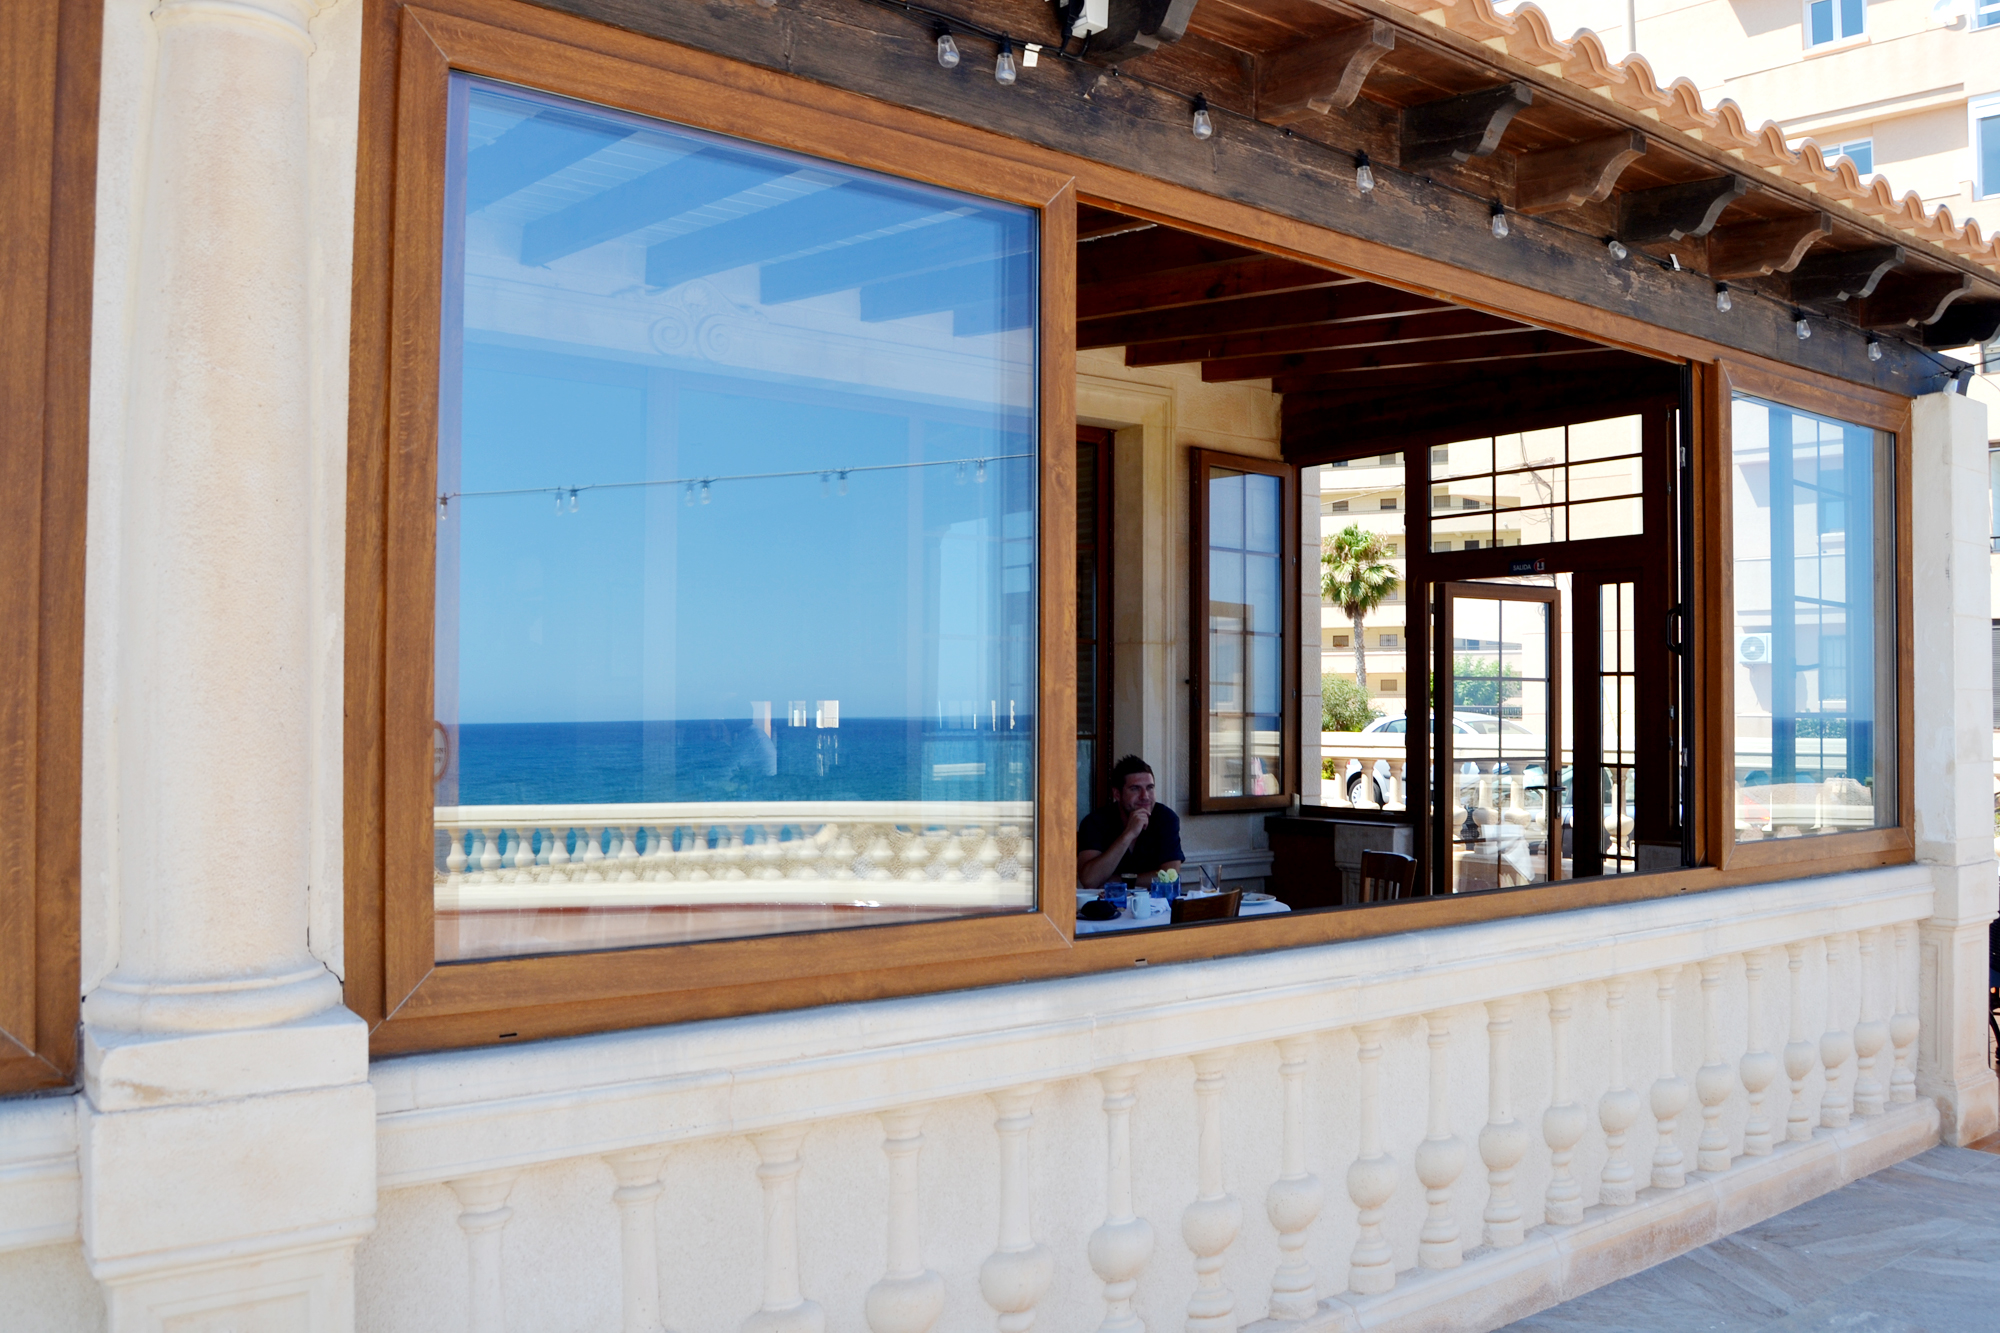 La terraza cubierta. En su reflejo, la terraza al aire libre y las vistas. Foto: A.M.